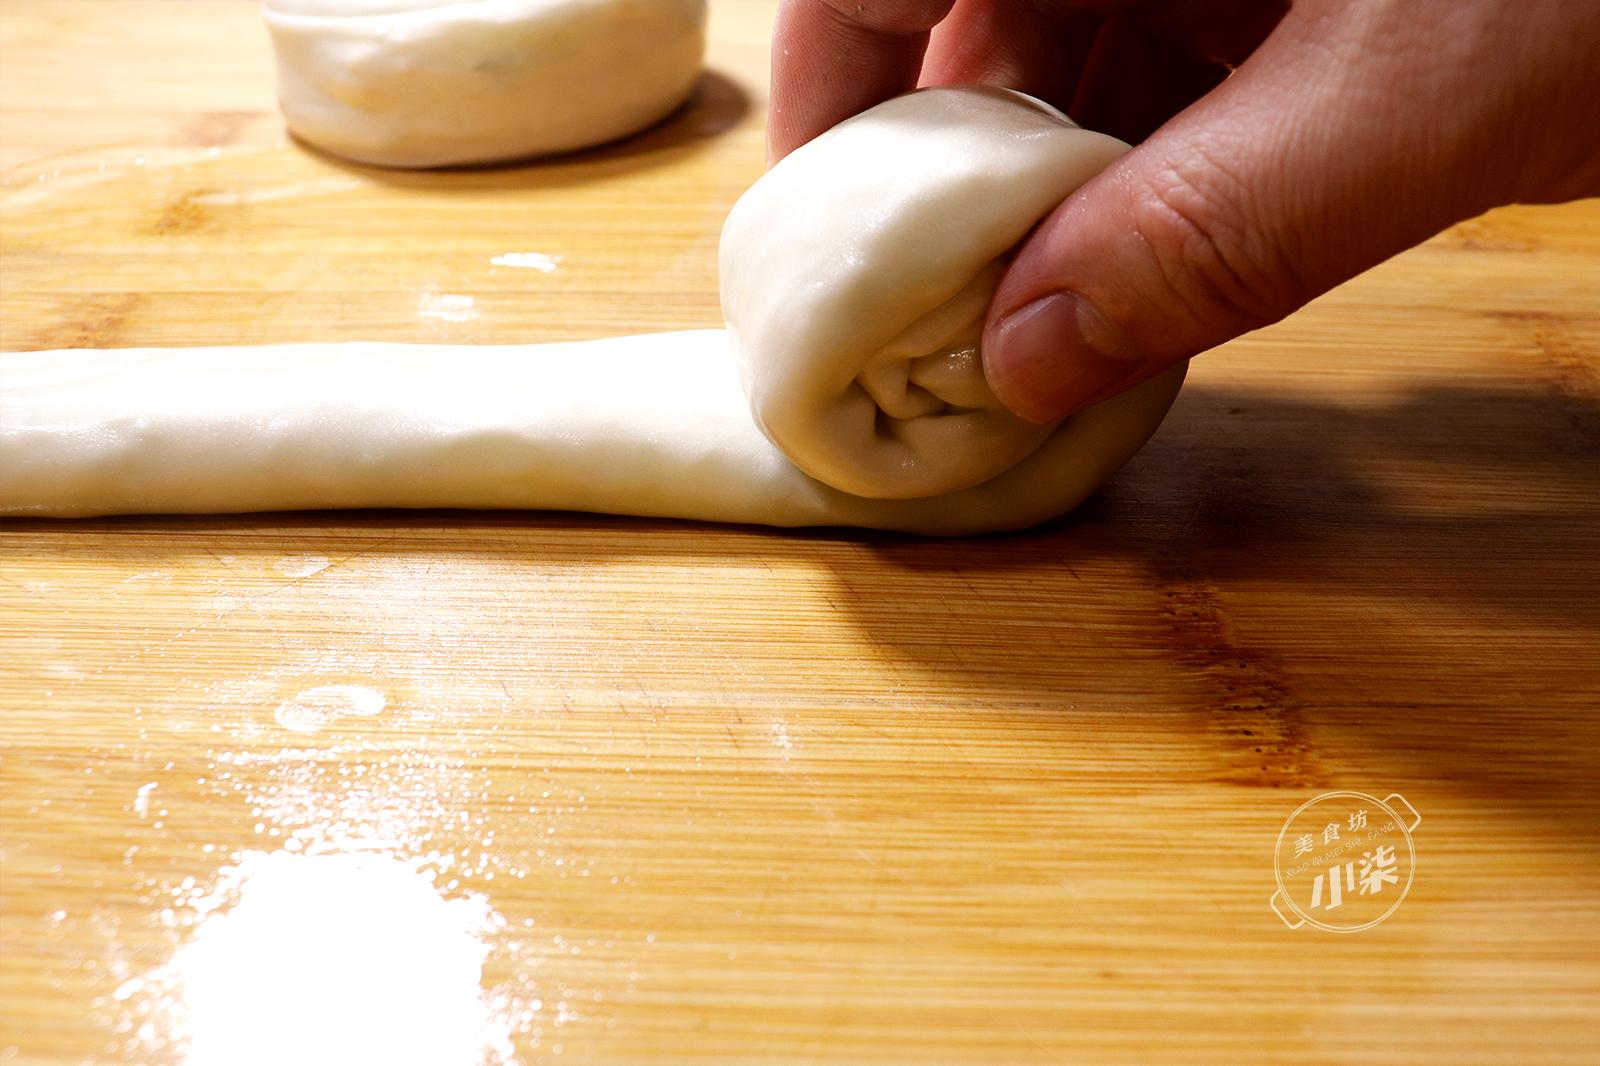 立冬後,想吃蘿蔔餡餅,學會這樣做,不破皮不露餡,個個皮薄如紙